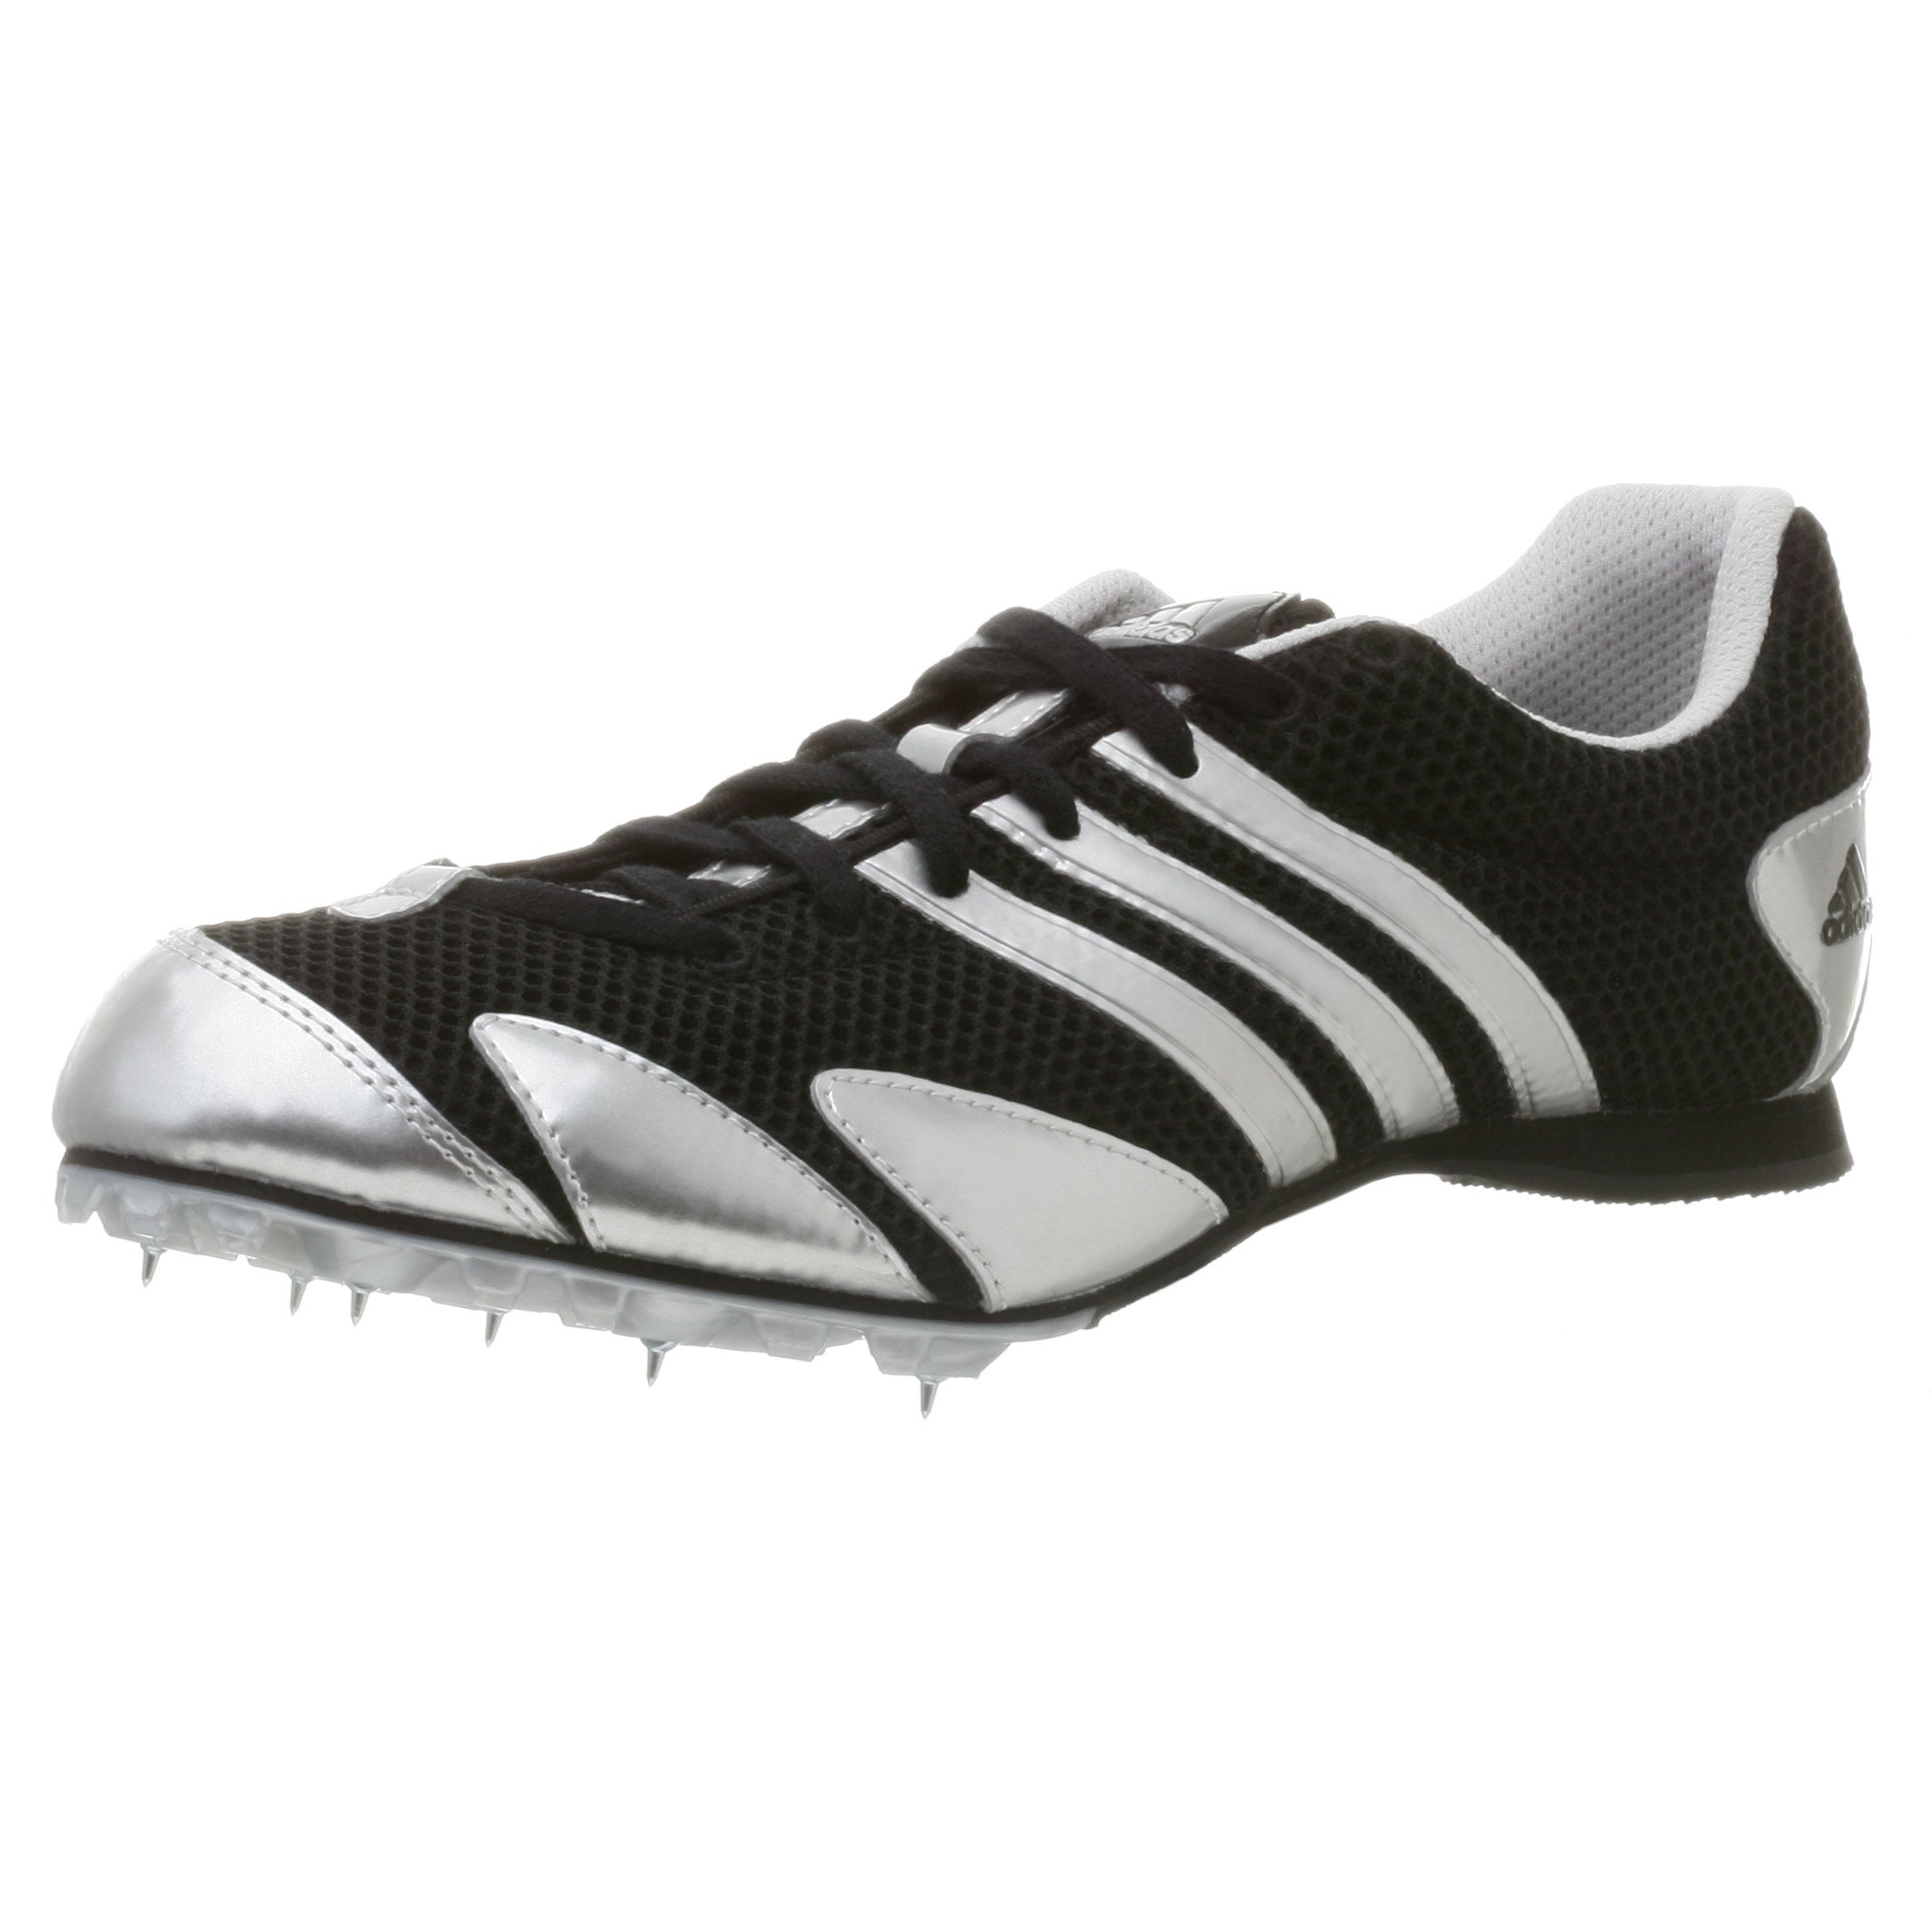 adidas Men's Cosmos 07 Track Shoe,Black/Metsilver/Blk,7.5 M by adidas (Image #1)